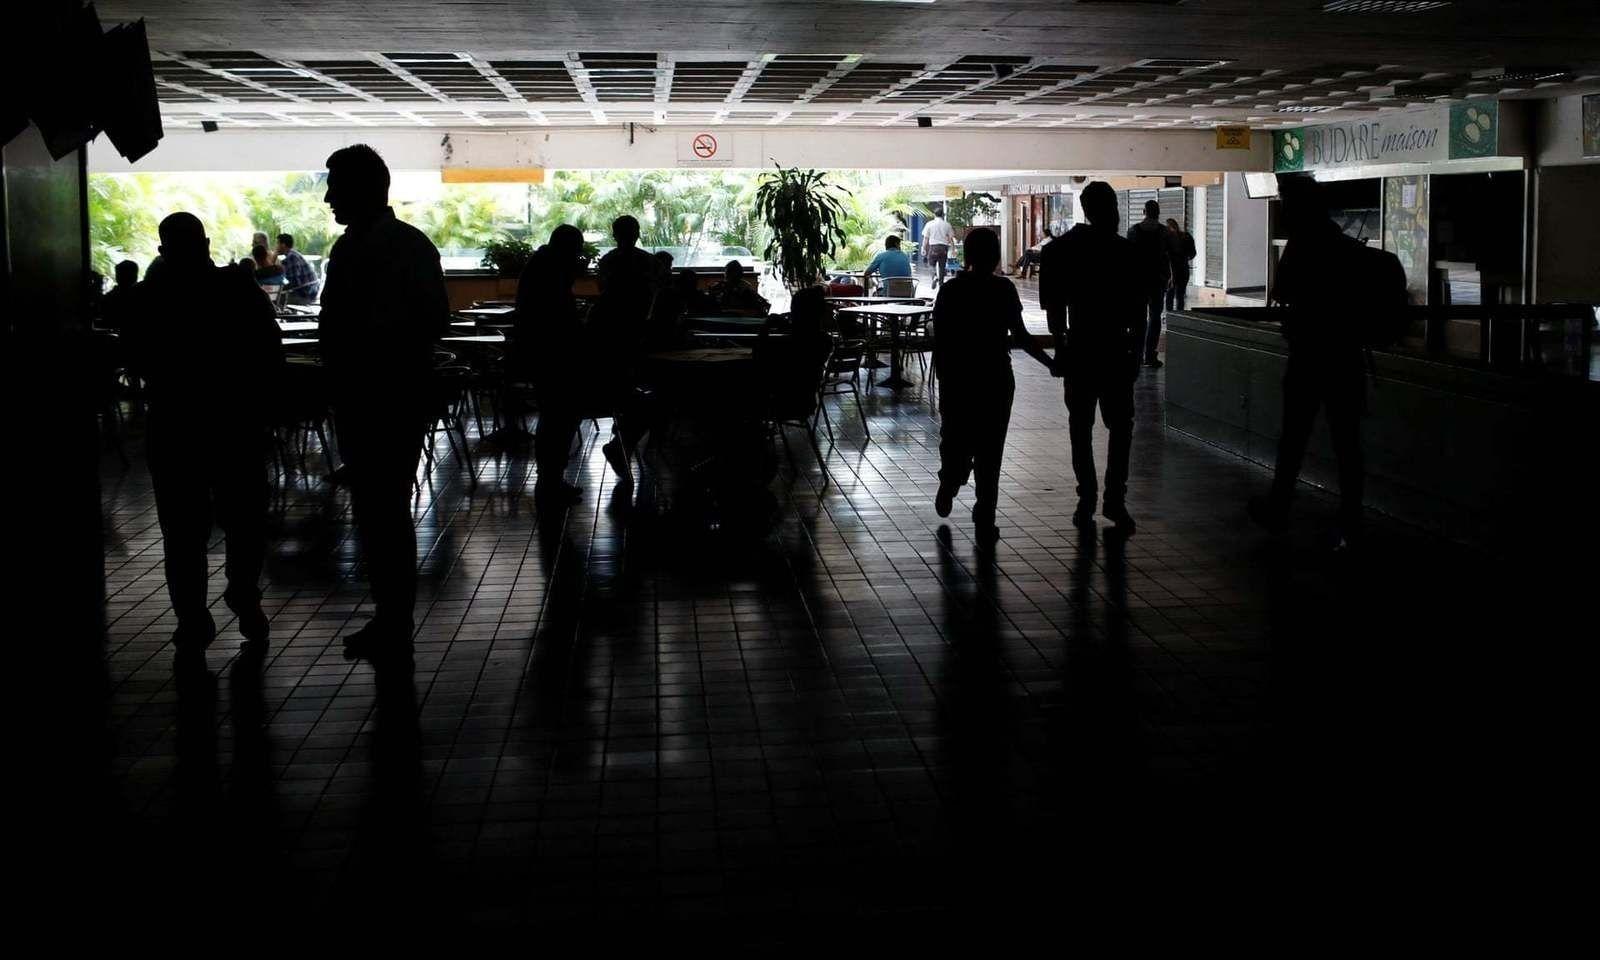 Венесуэль улсыг харанхуй нөмрөөд байна